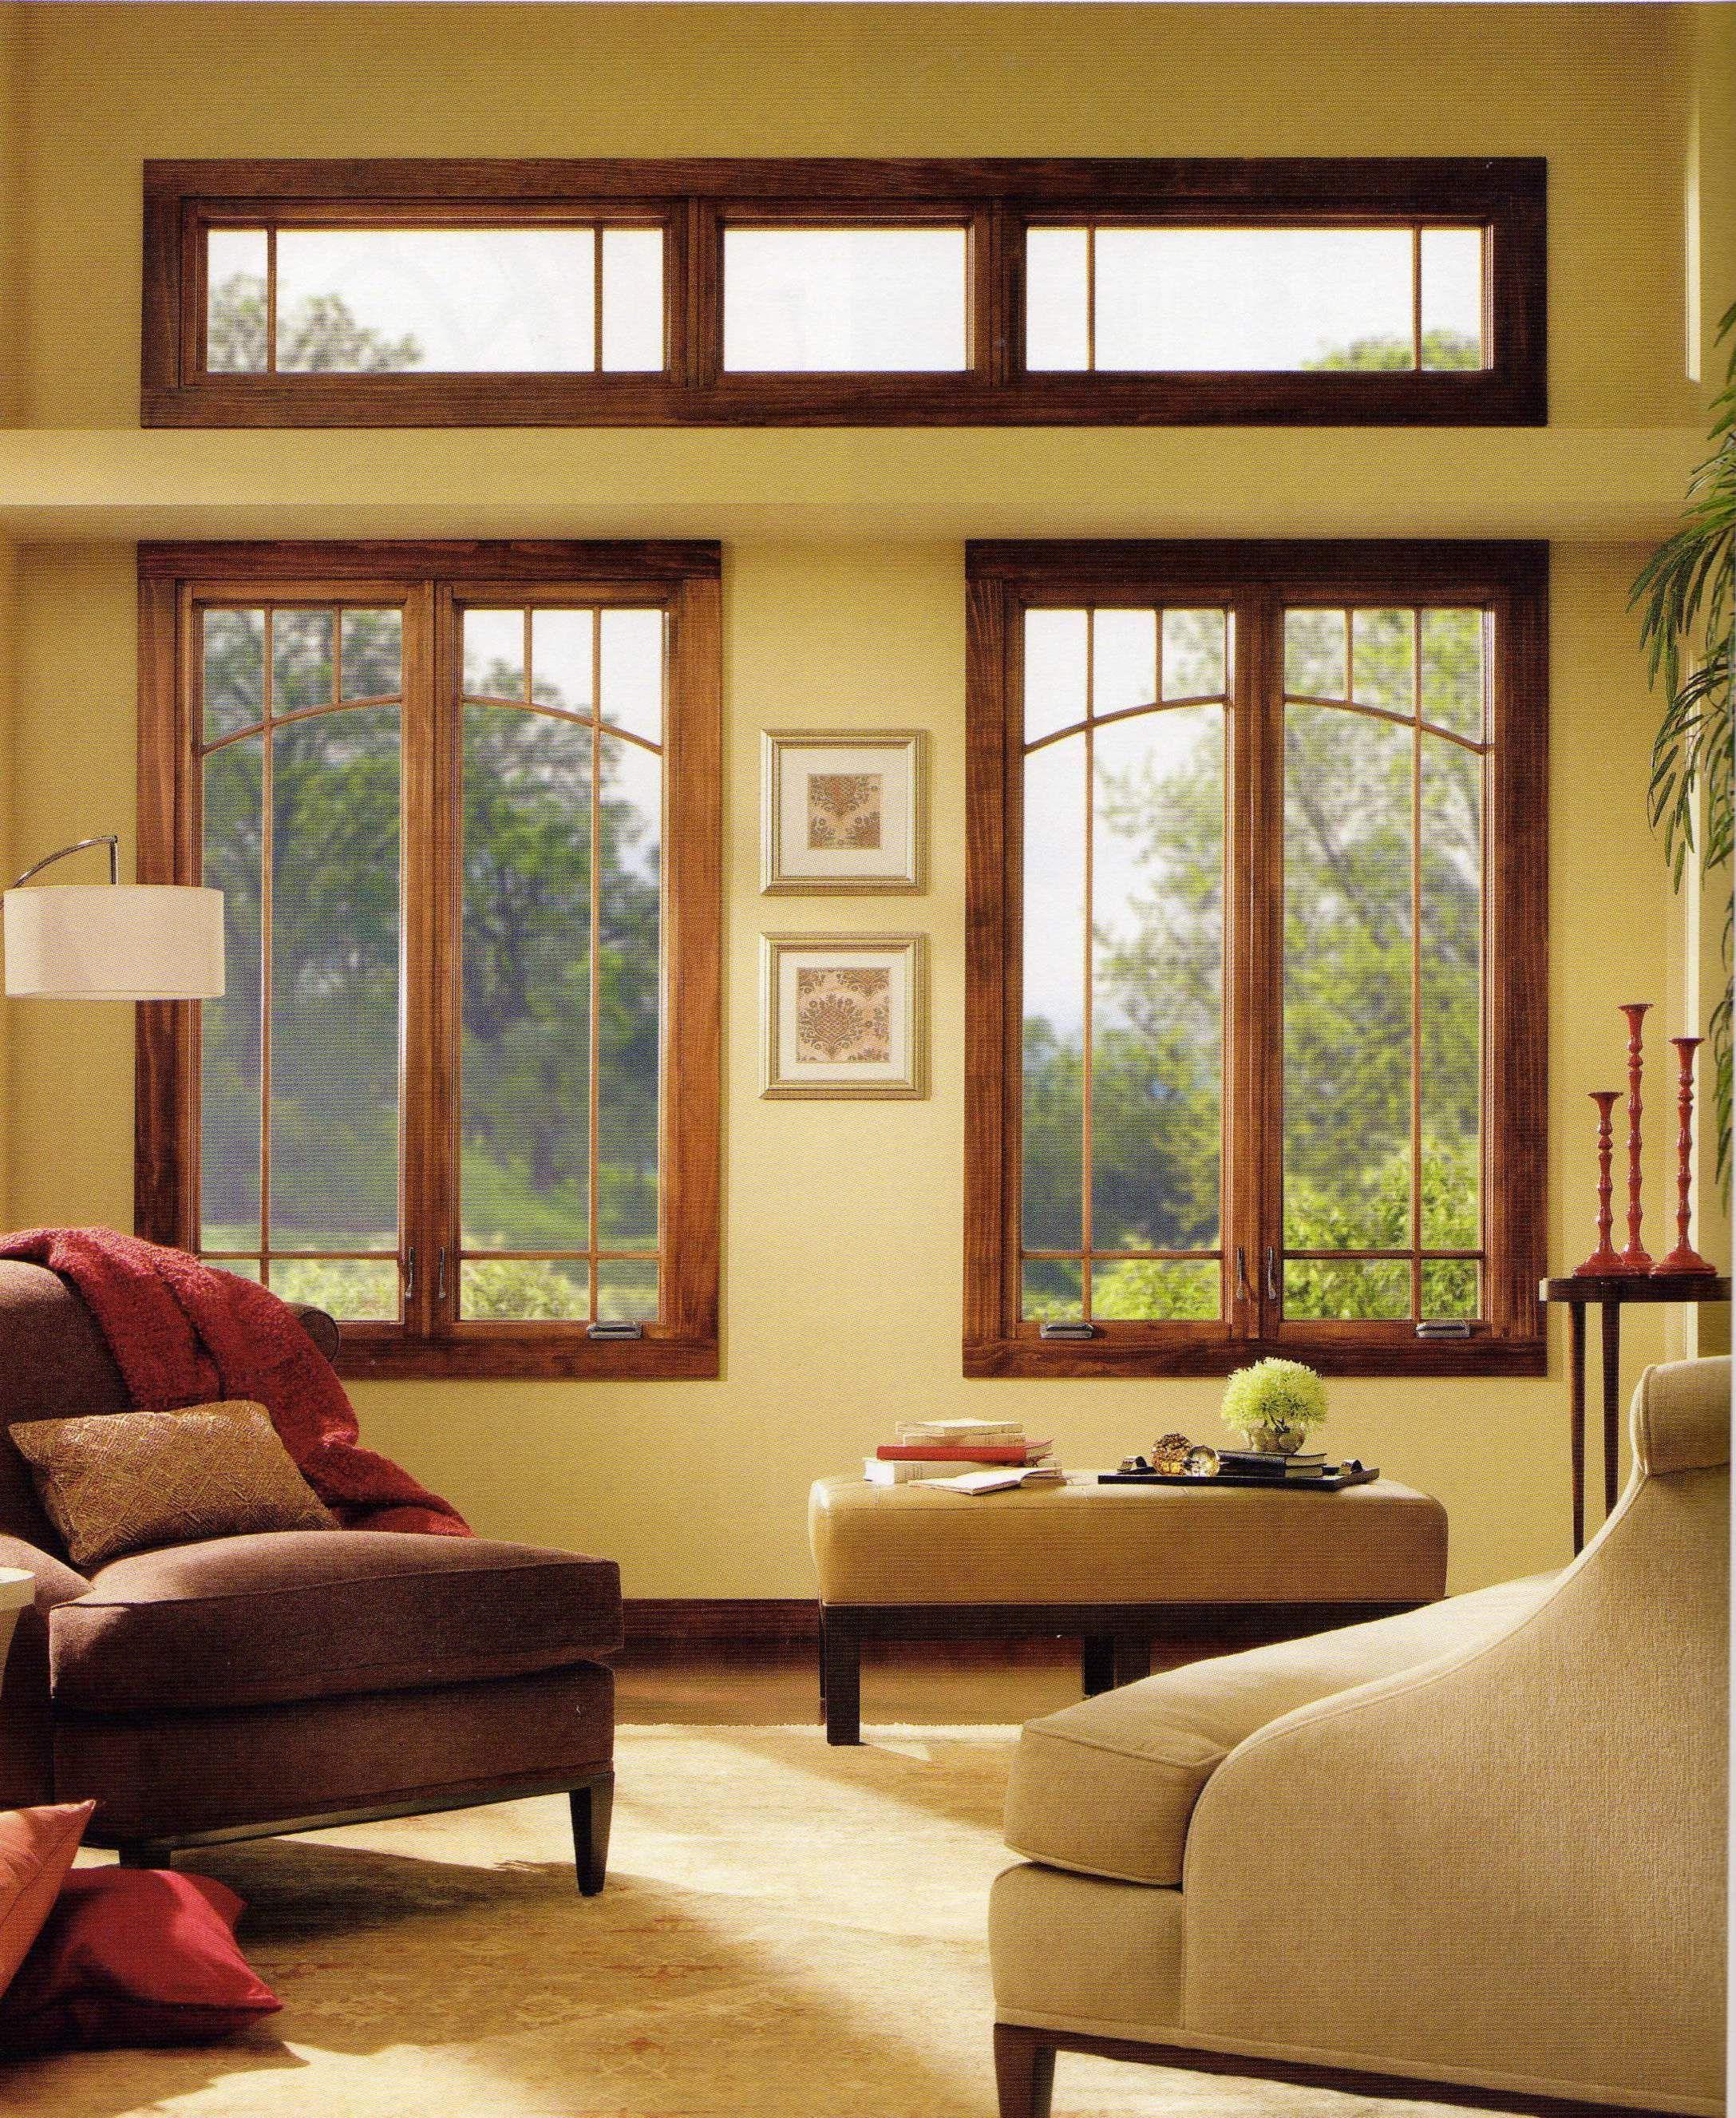 Ventana con decoracin artesanal y ventana de marco